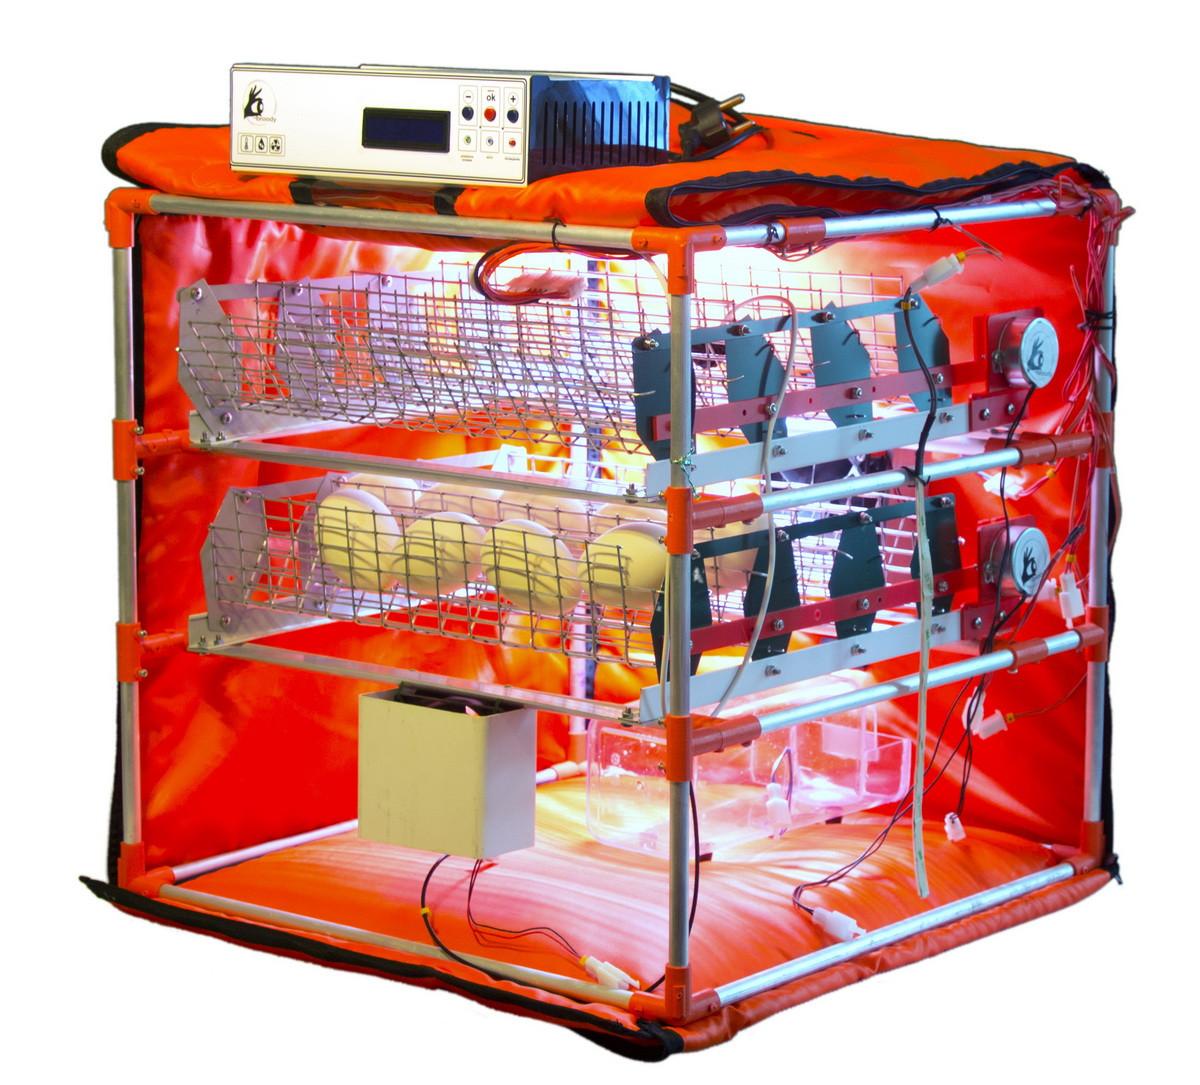 Автоматический инкубатор-конструктор (220V) на 56 яиц водоплавающих птиц, с увлажнителем